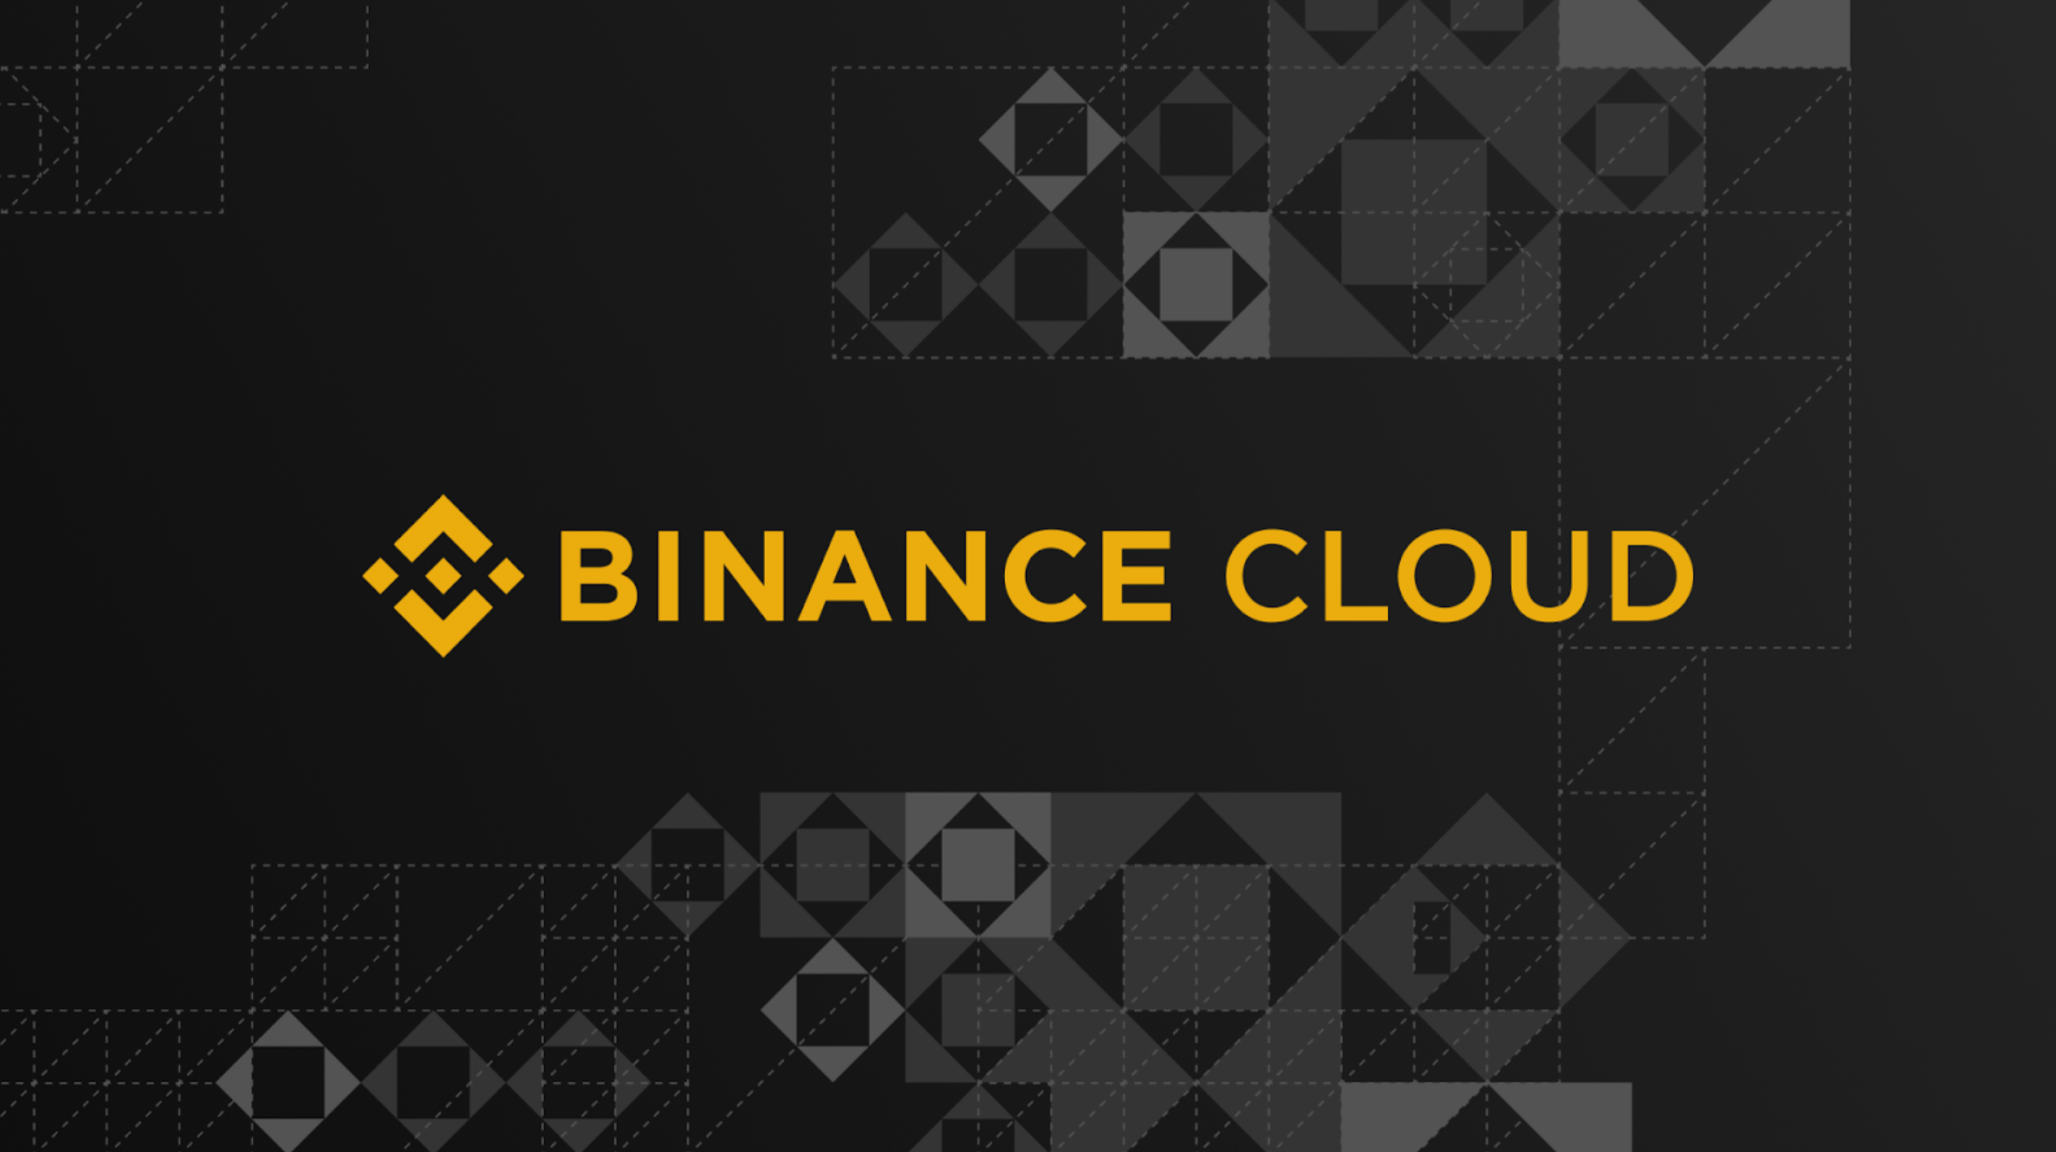 Запустился облачный сервис Binance Cloud, открывающий доступ к запуску собственных бирж